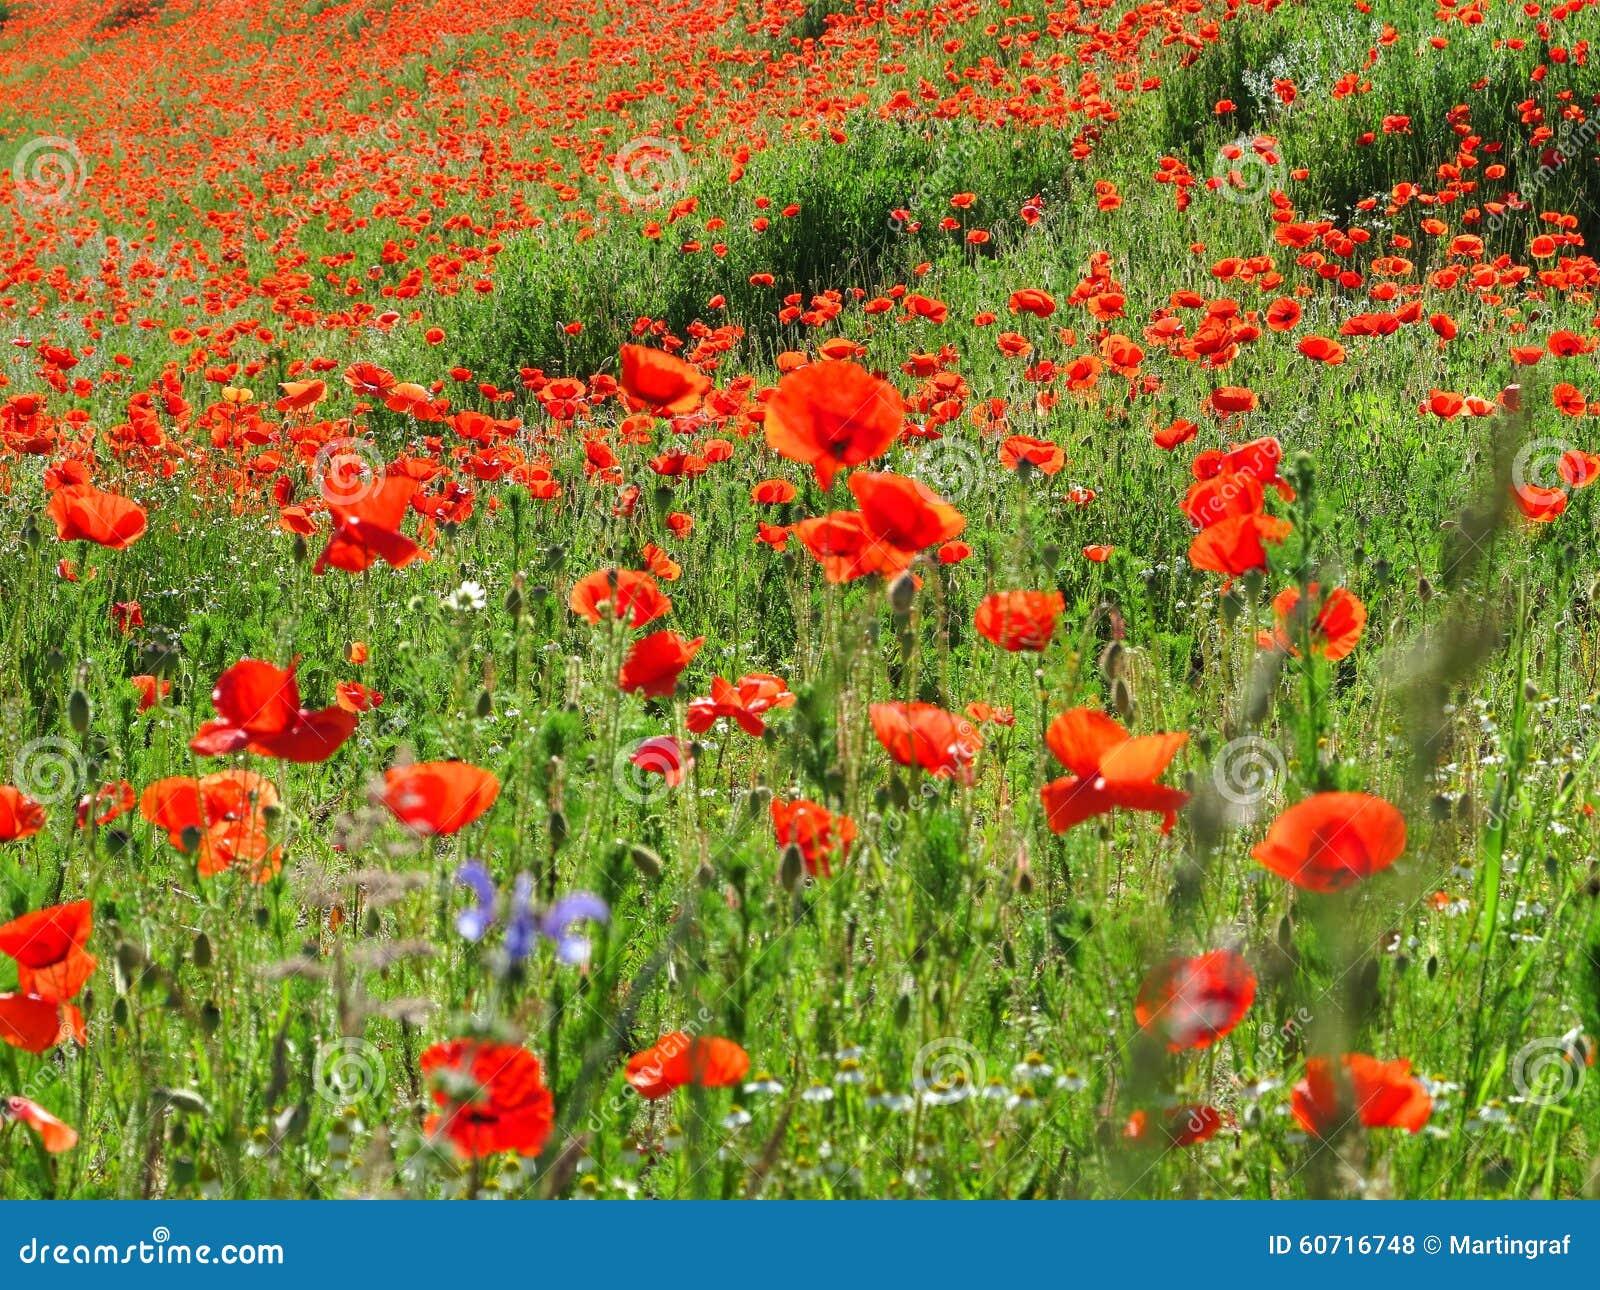 Bright red poppy field